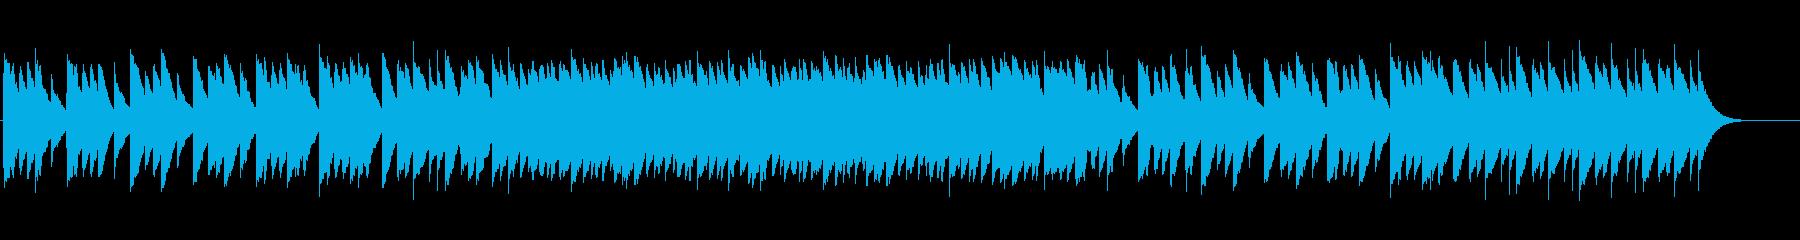 <オルゴール>涼しげで柔らかくキラキラとの再生済みの波形